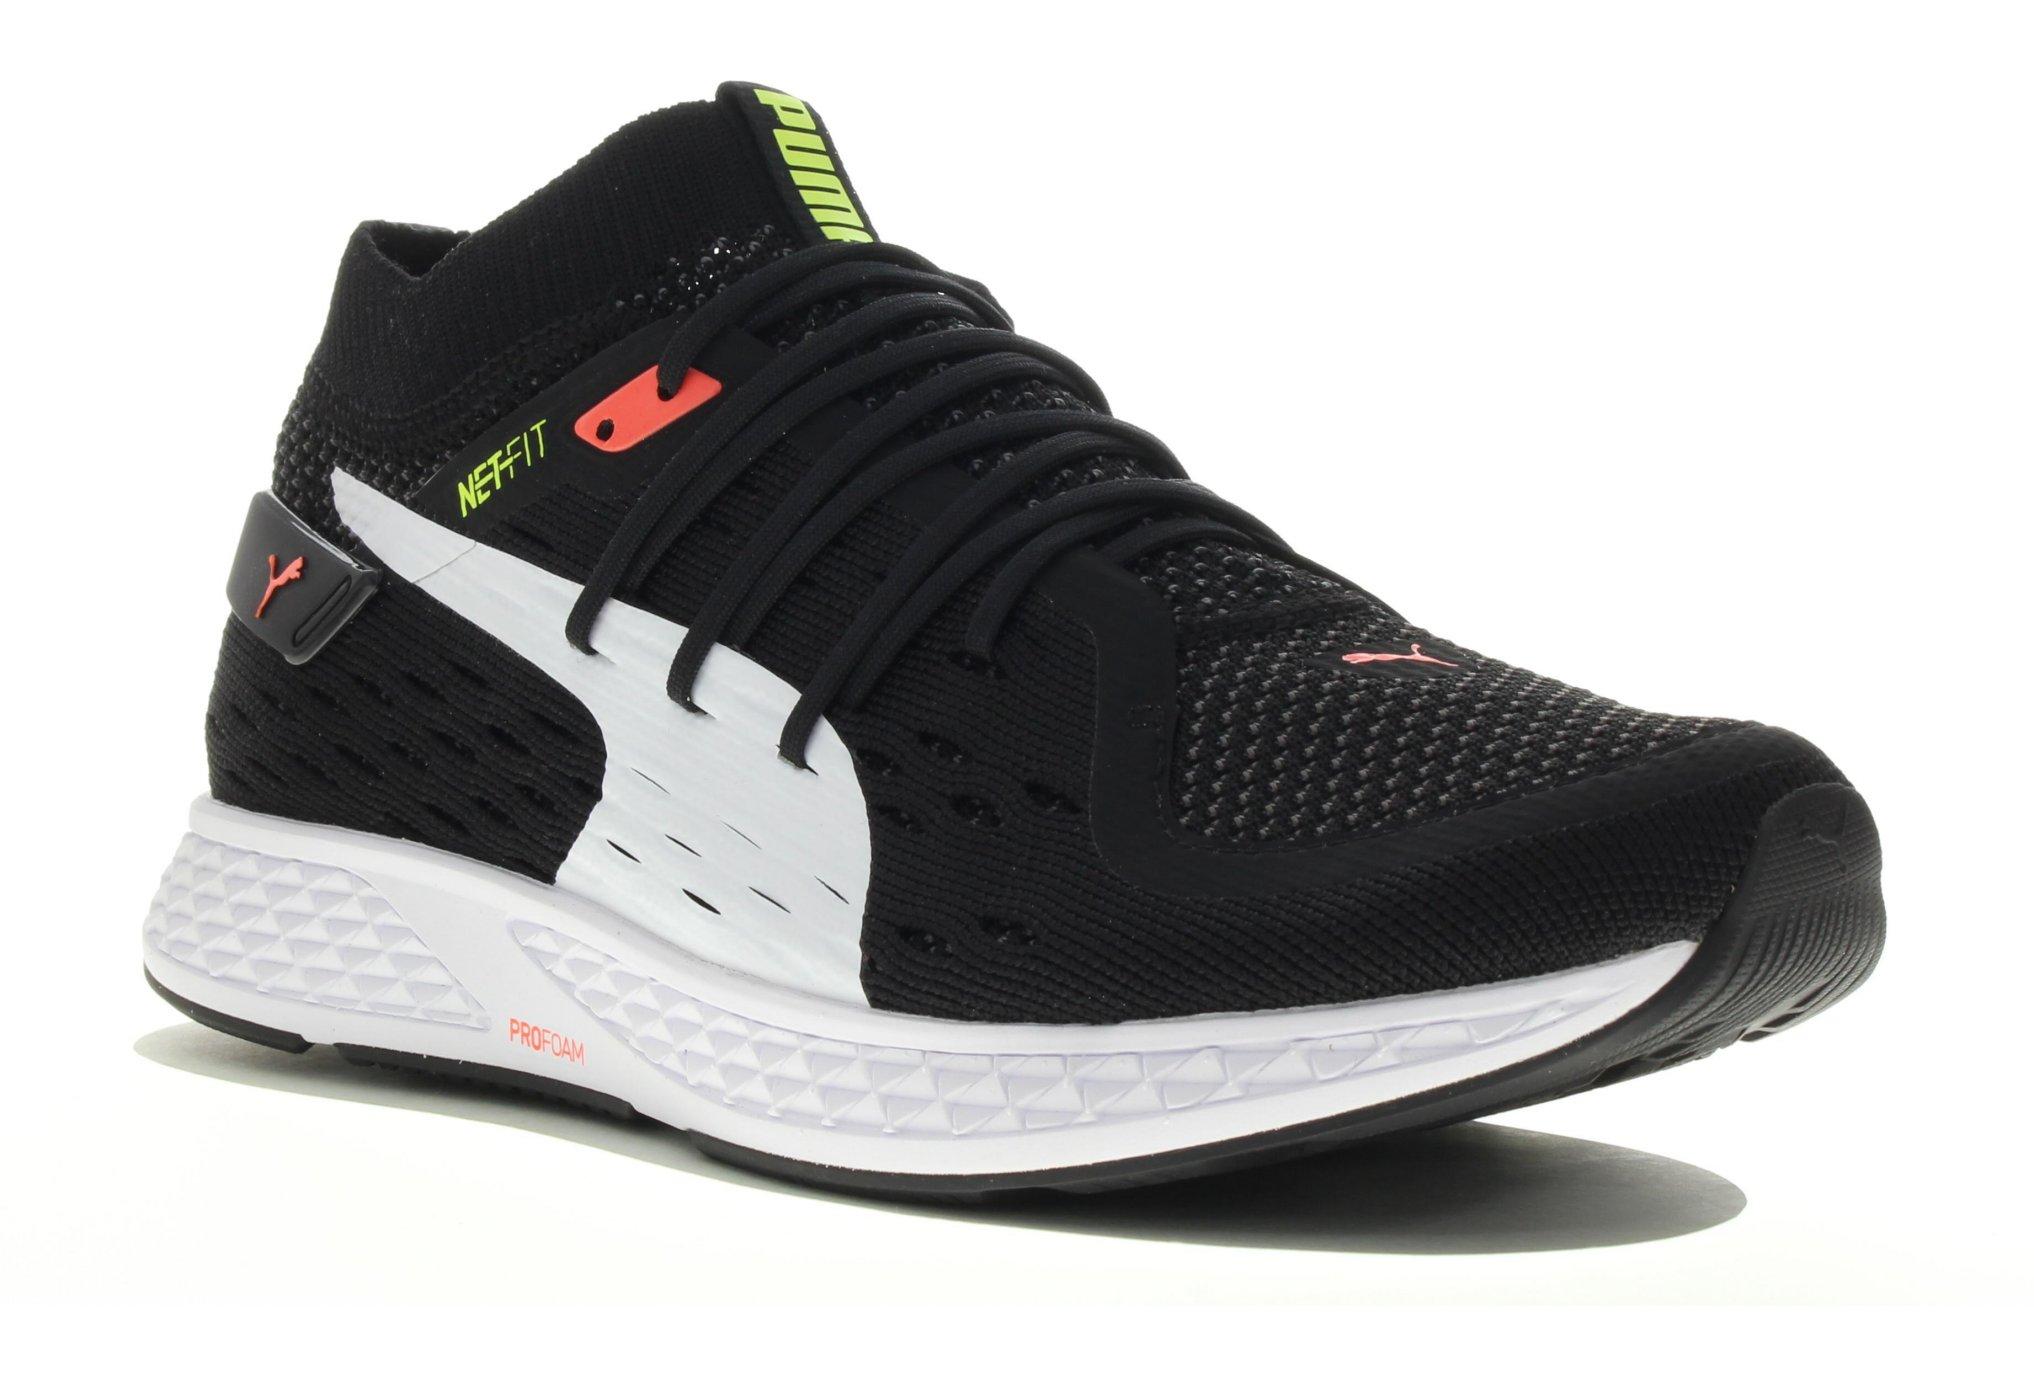 Puma Speed 500 M Diététique Chaussures homme